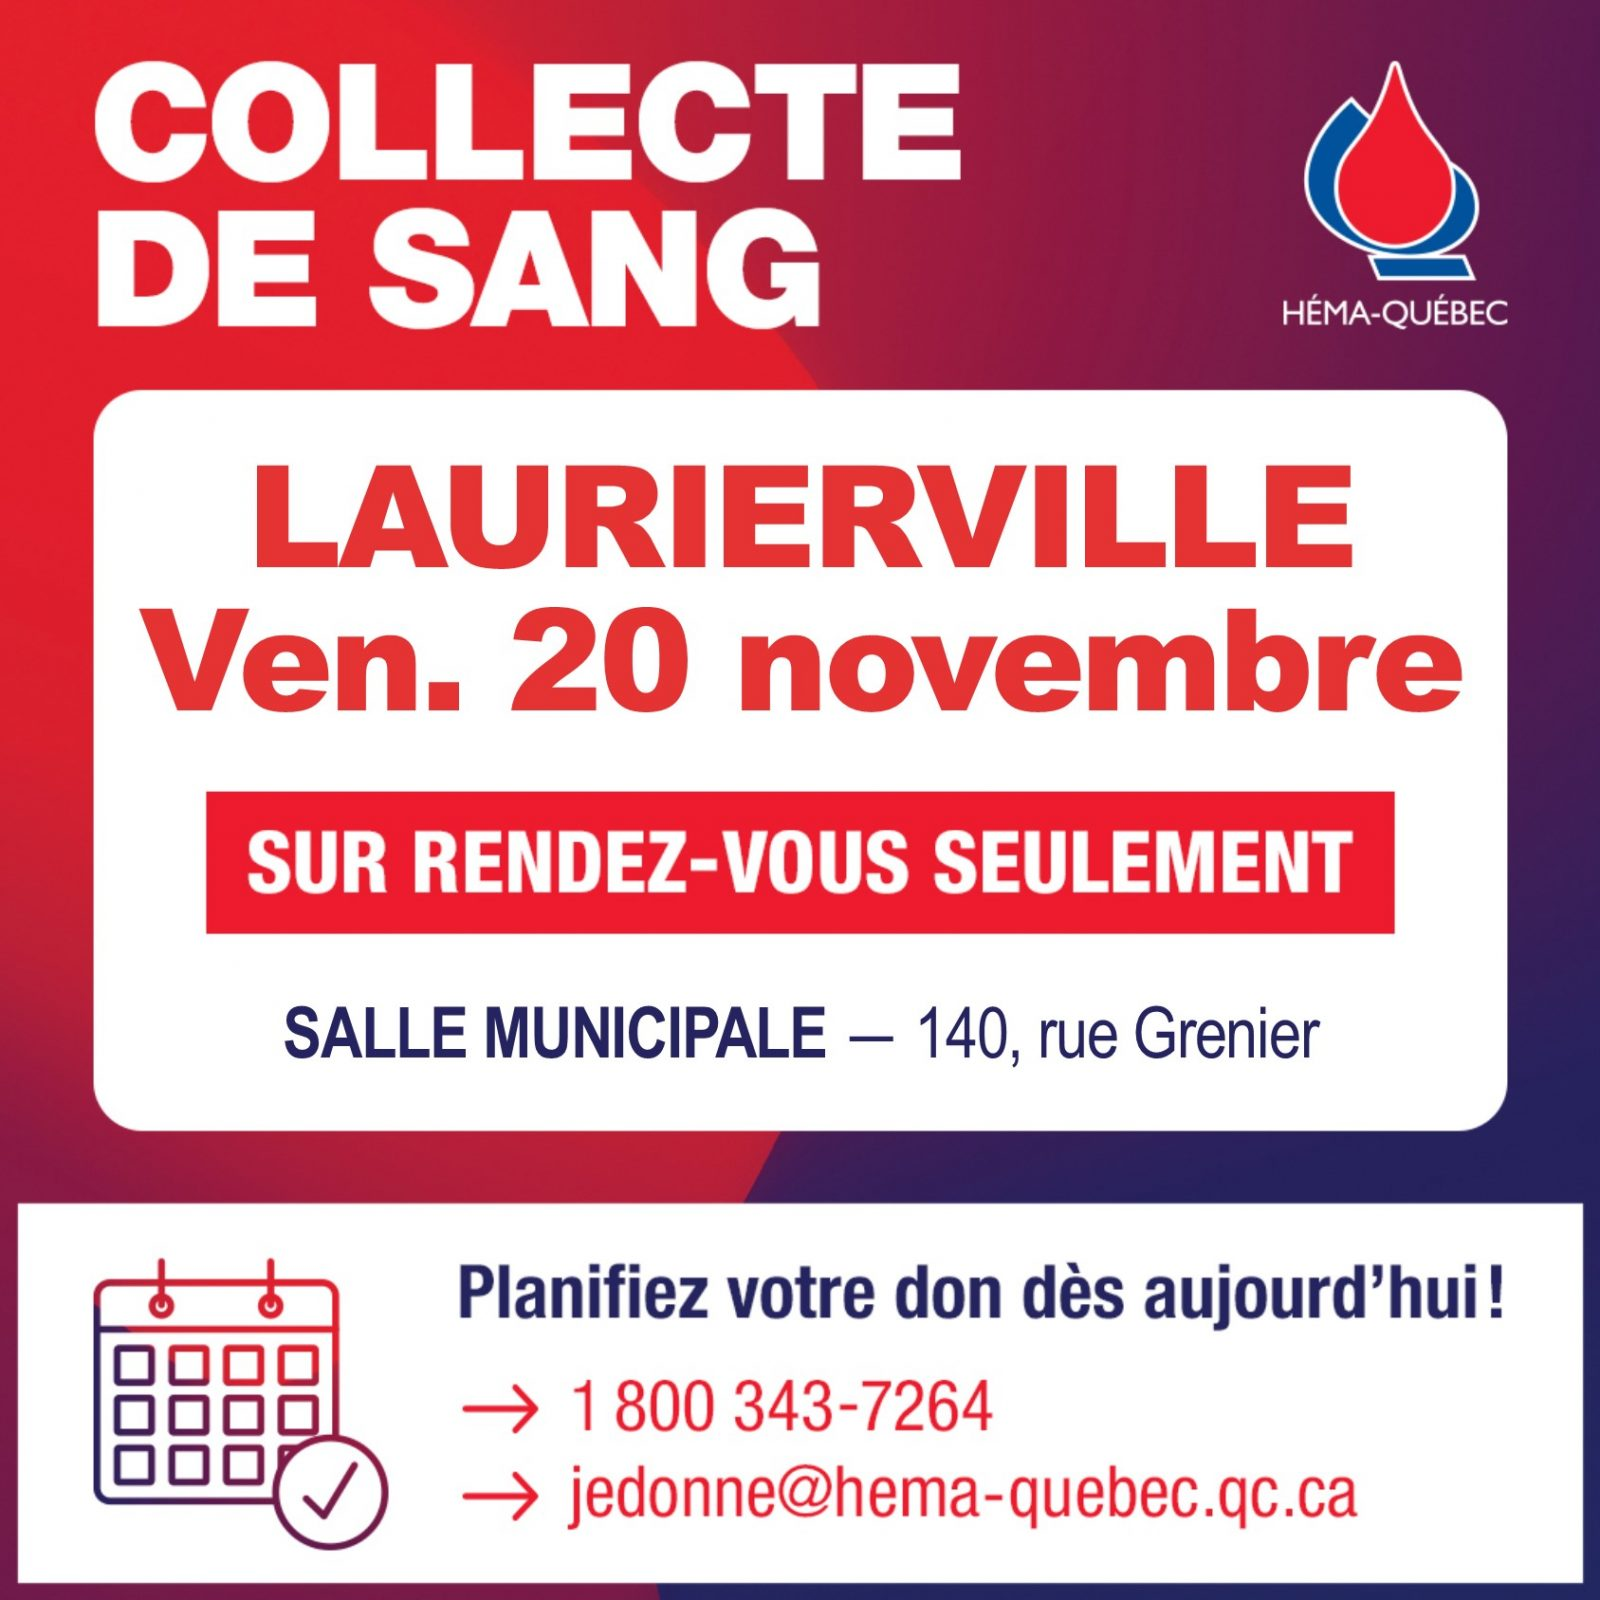 Collecte Laurierville